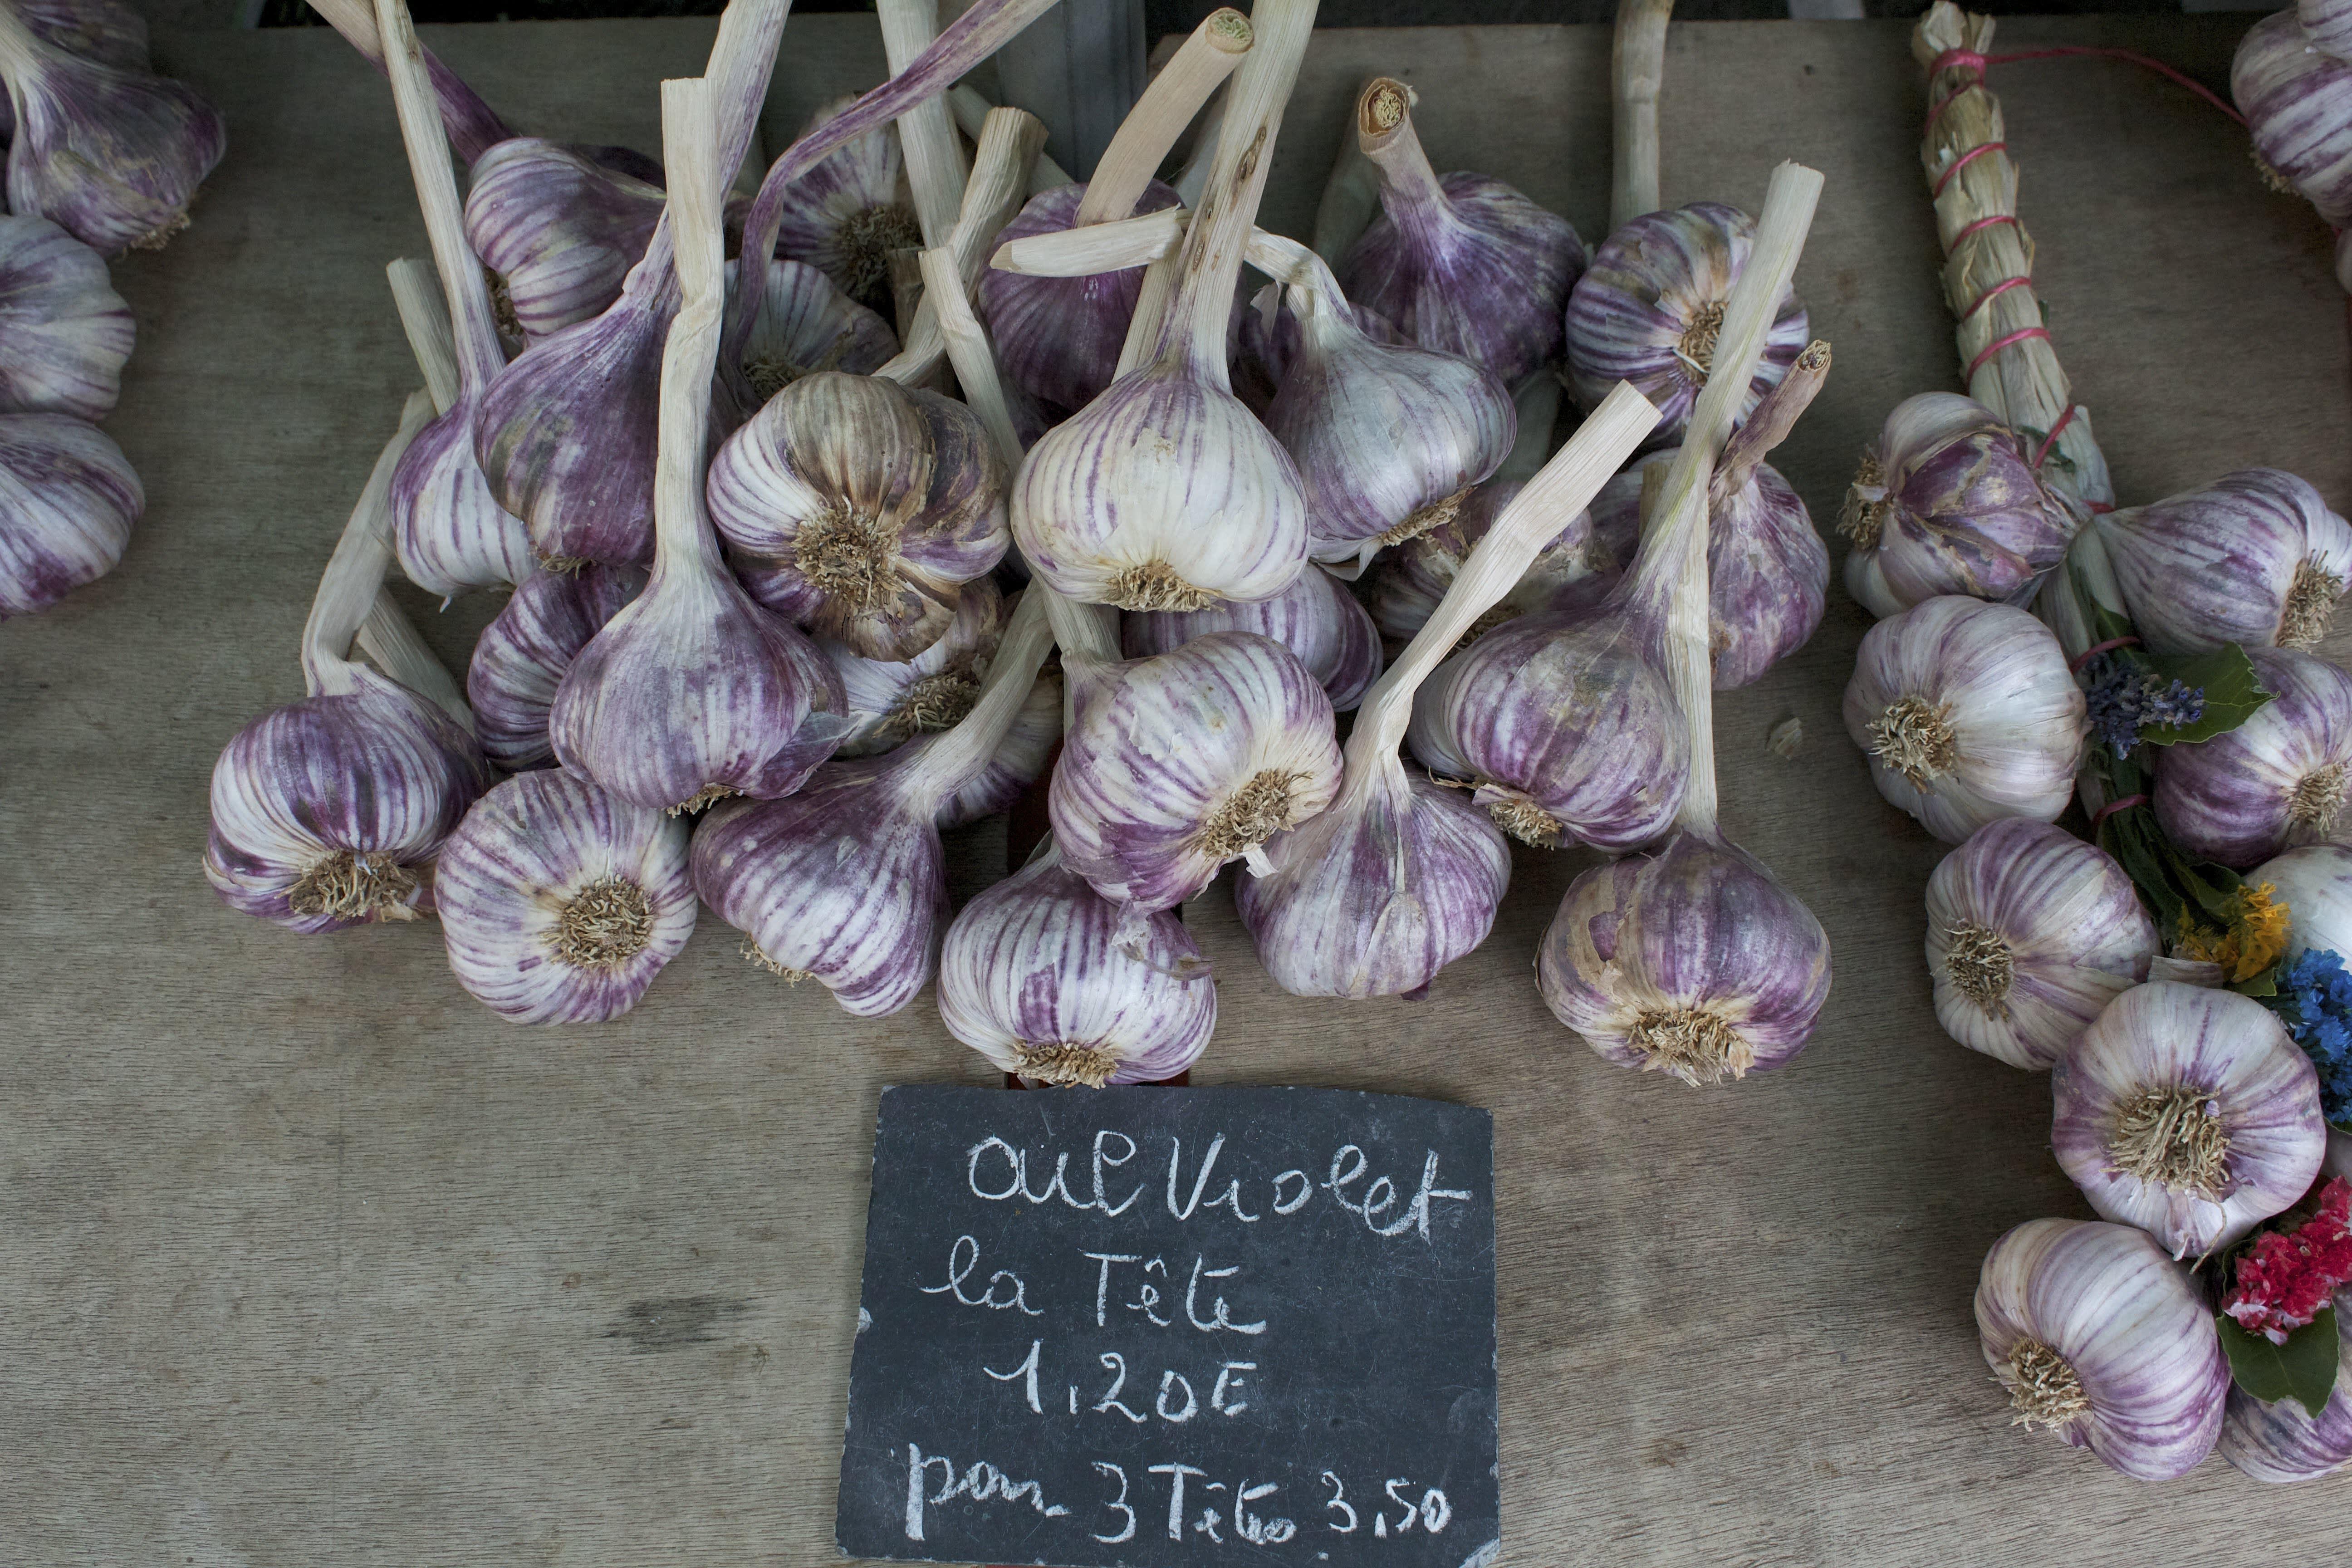 Garlic at a French Market